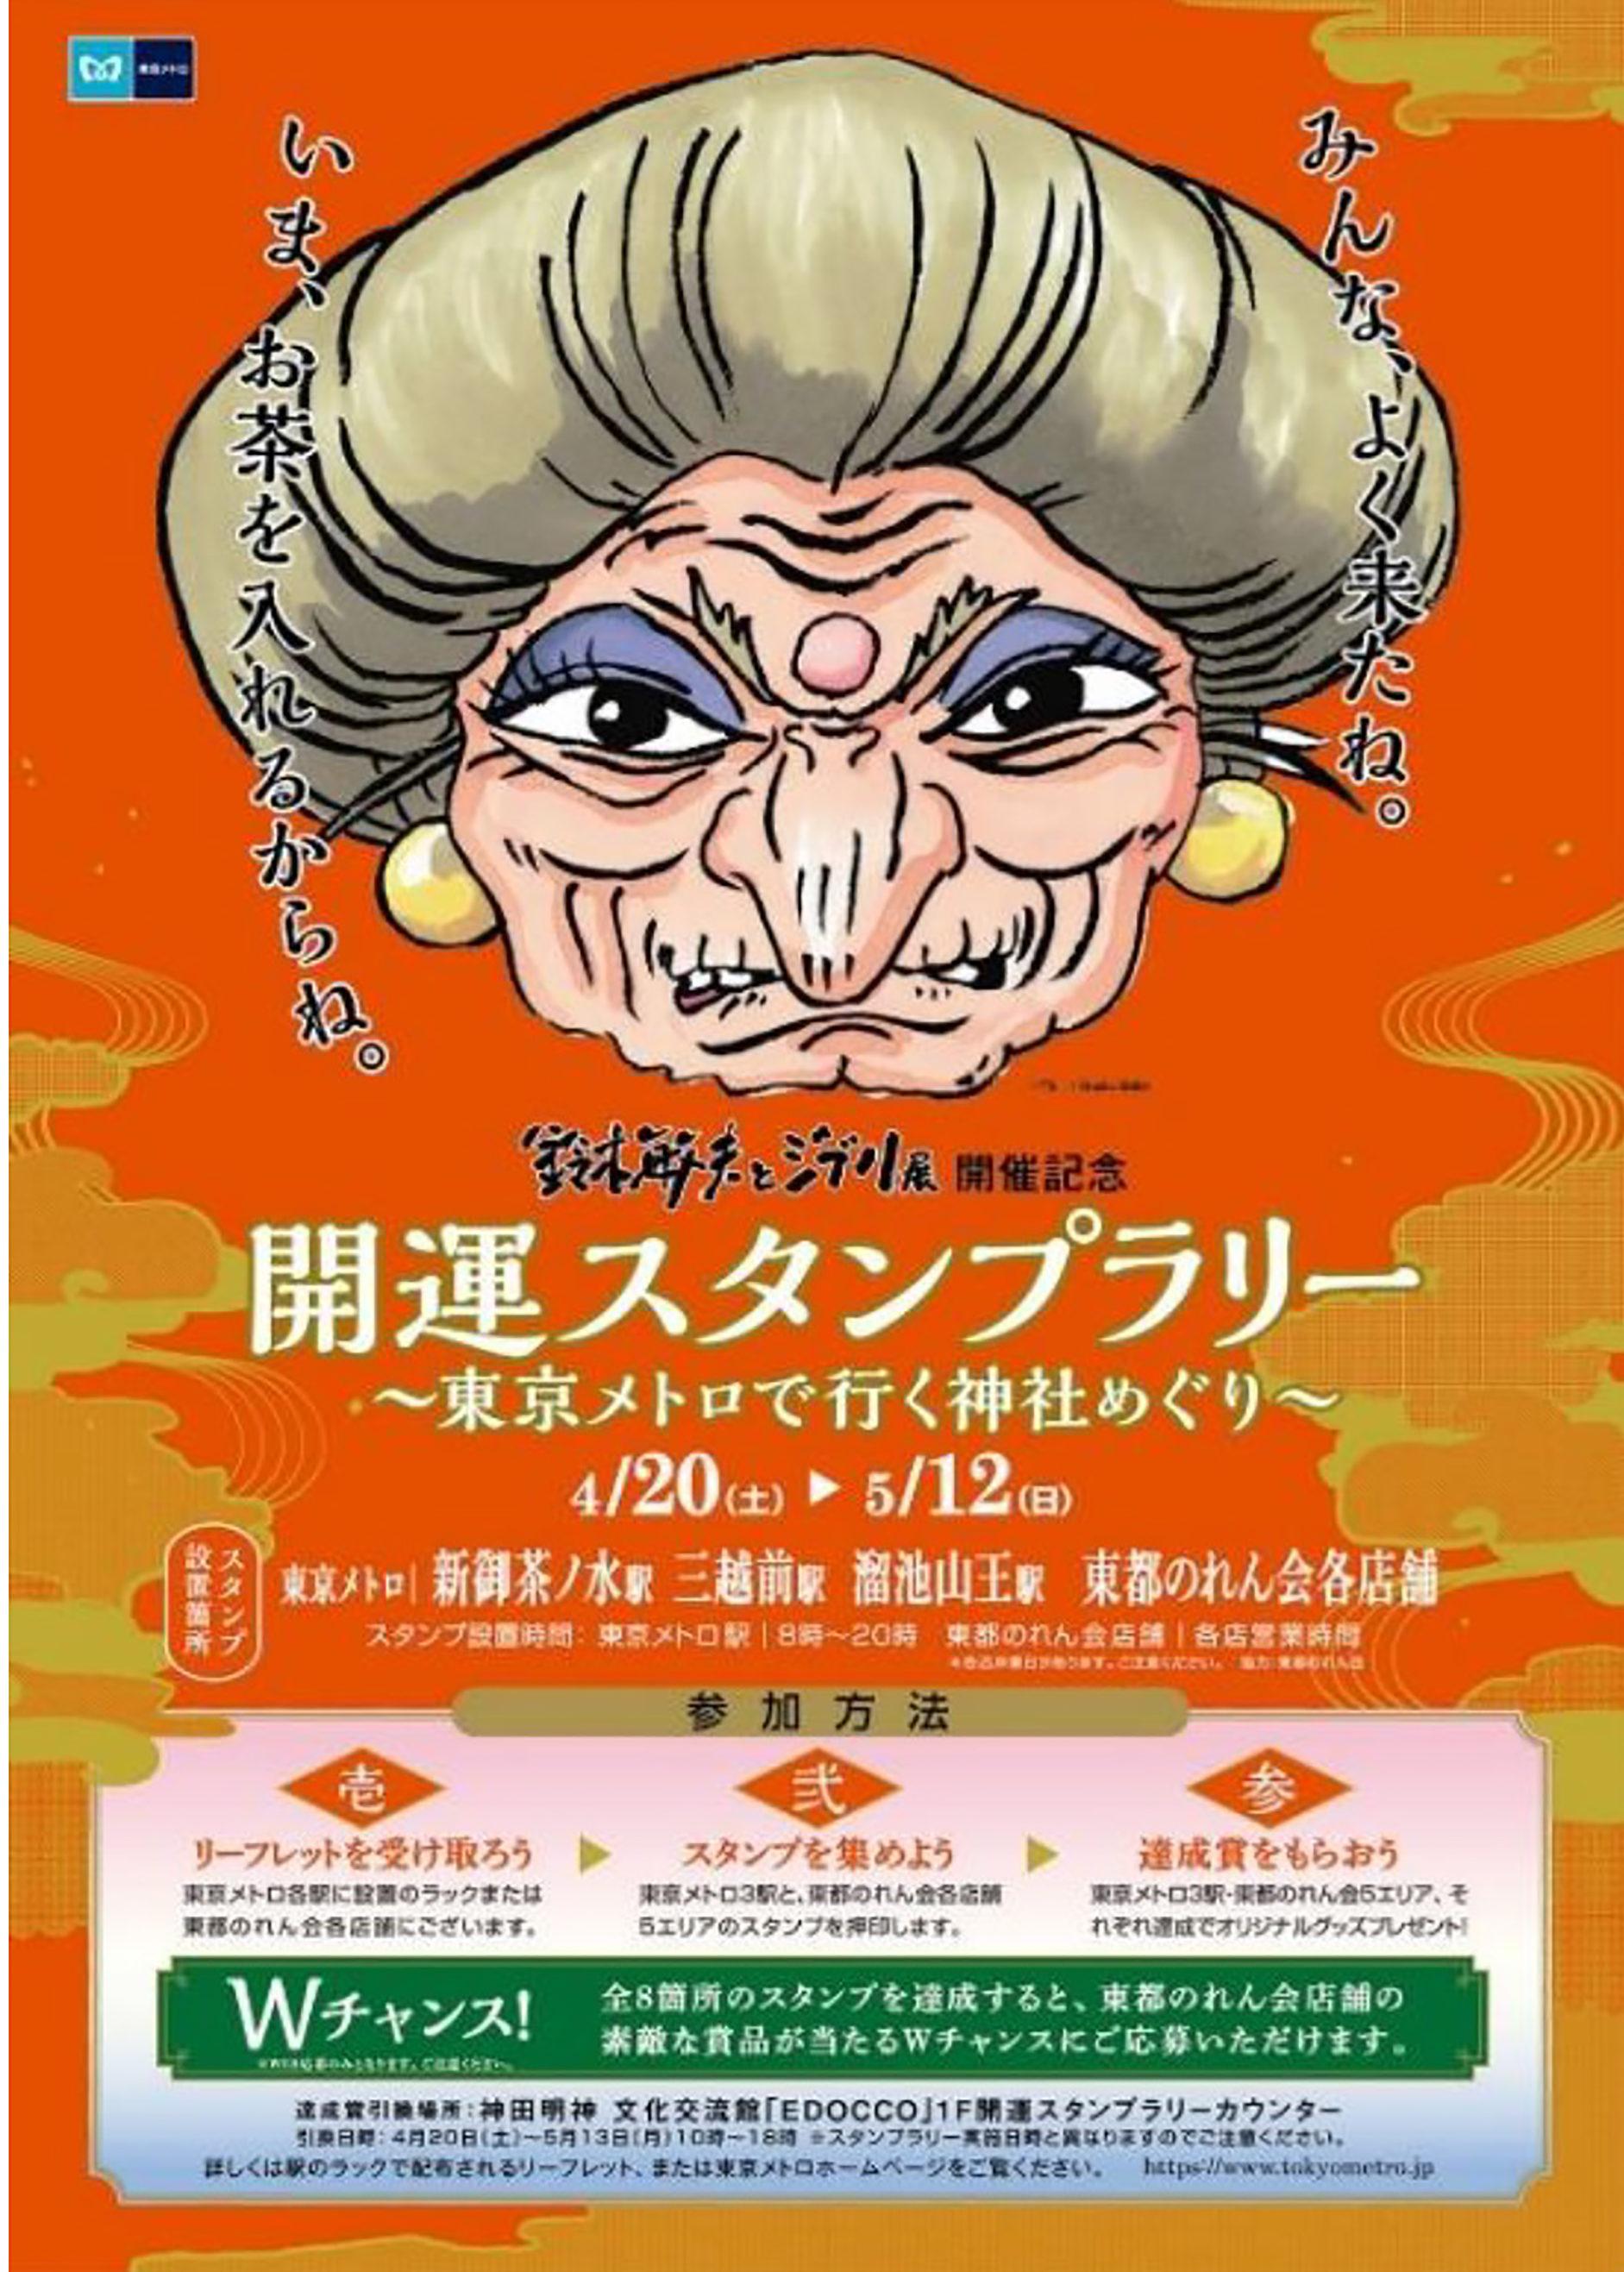 鈴木敏夫とジブリ展スタンプラリー